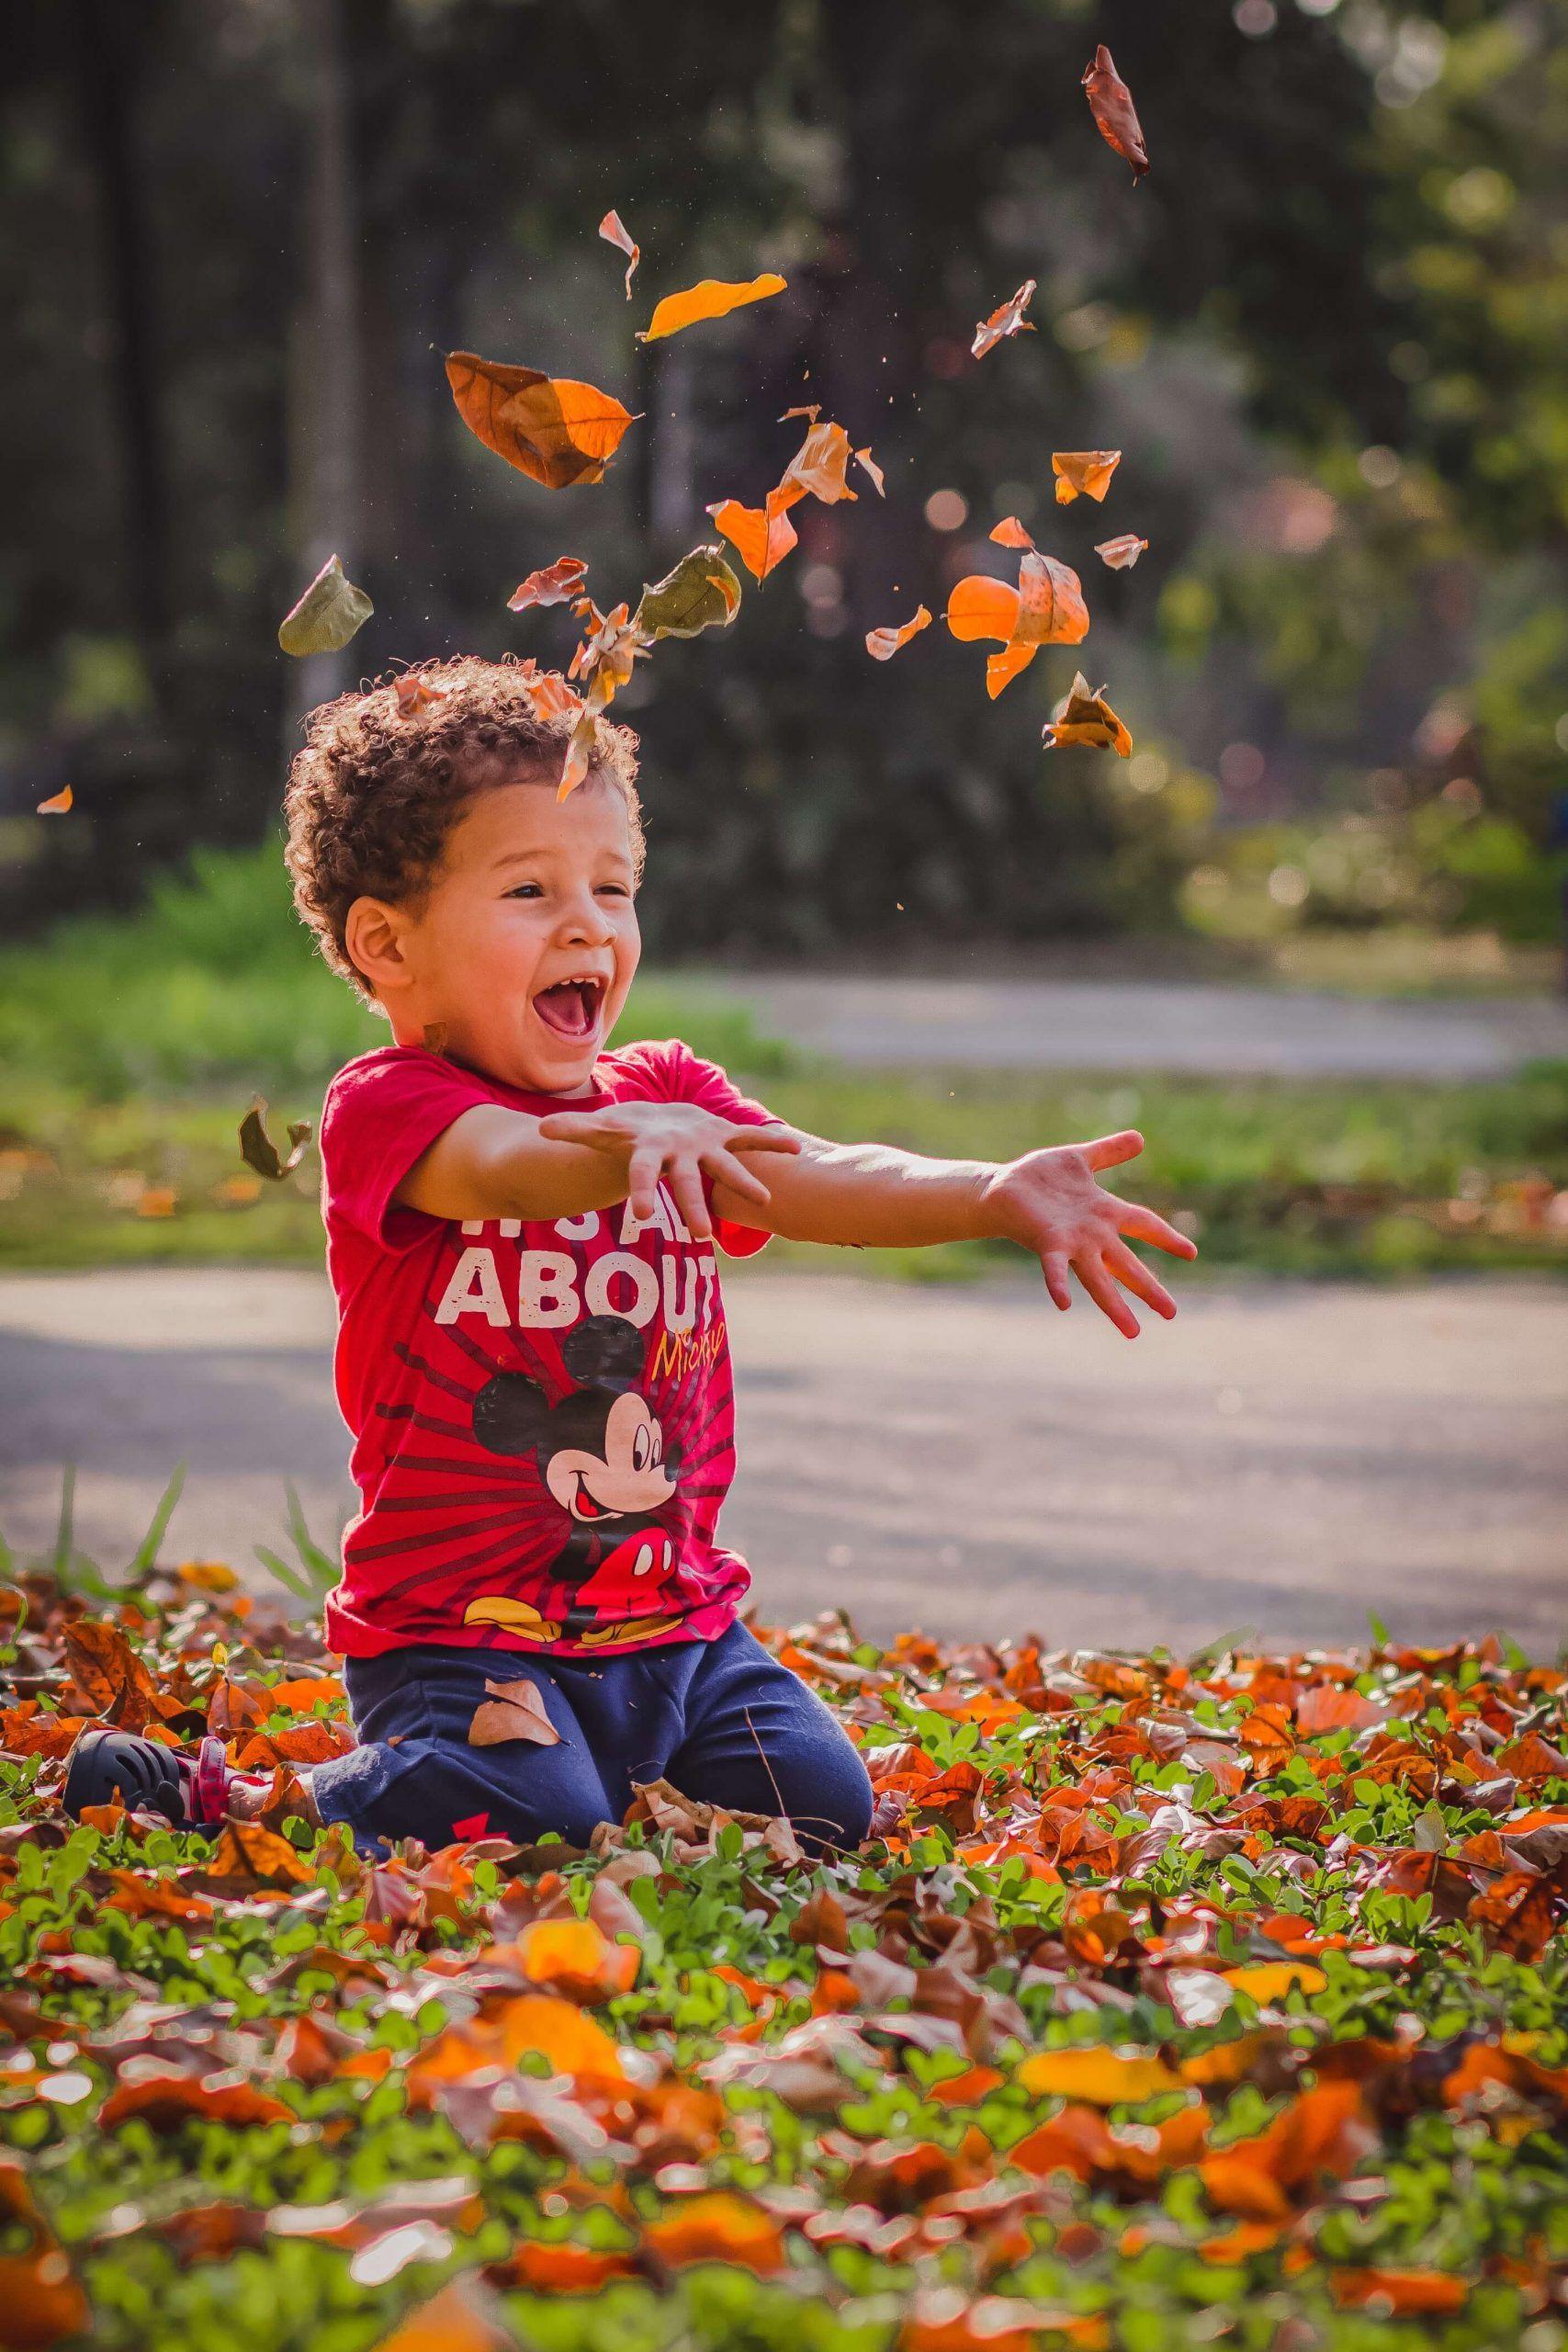 la importancia de reírse para los niños y niñas